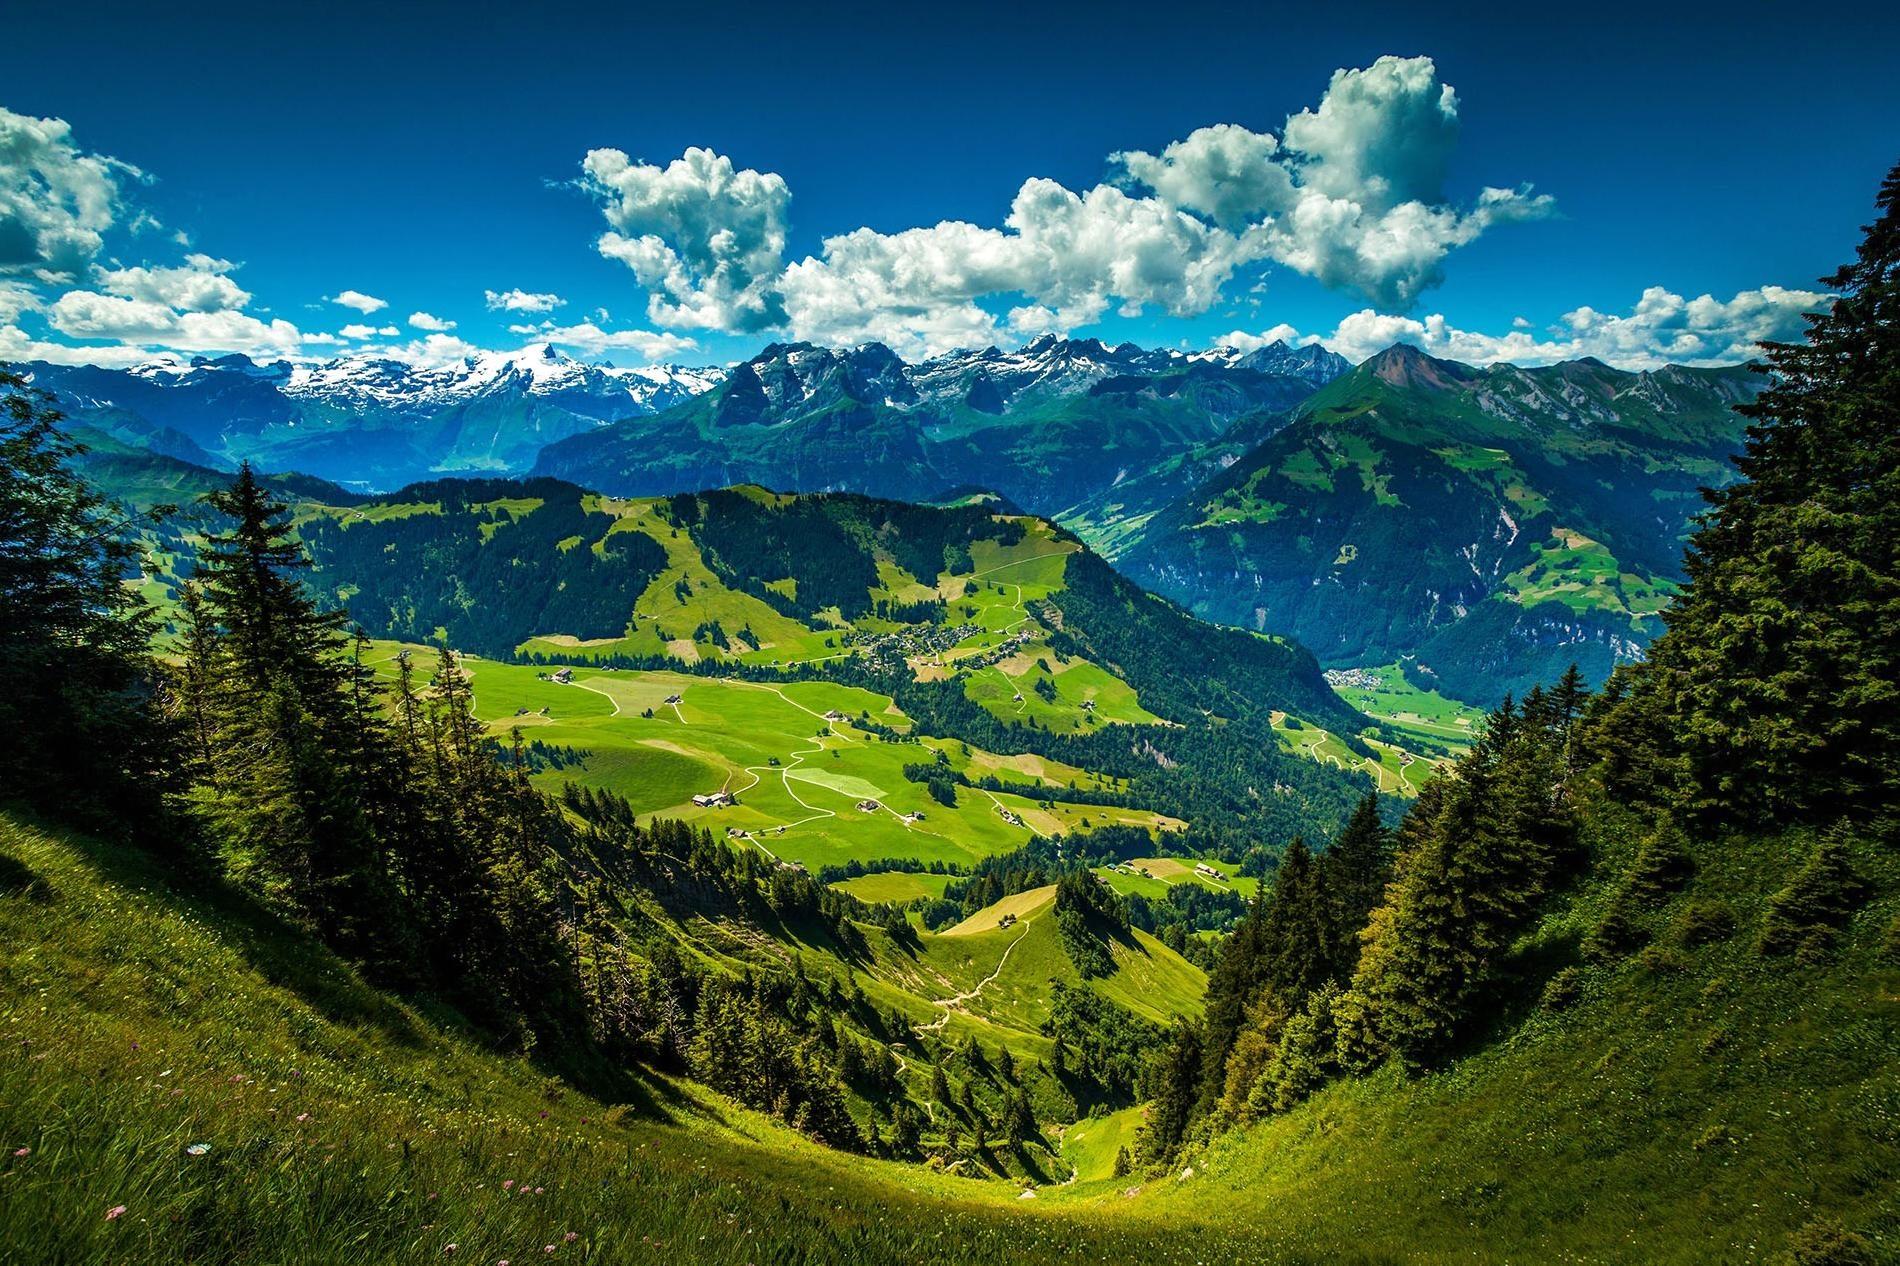 Wallpaper Primavera Hd Image Libre Paysage Montagne Nature Bois Sommet De